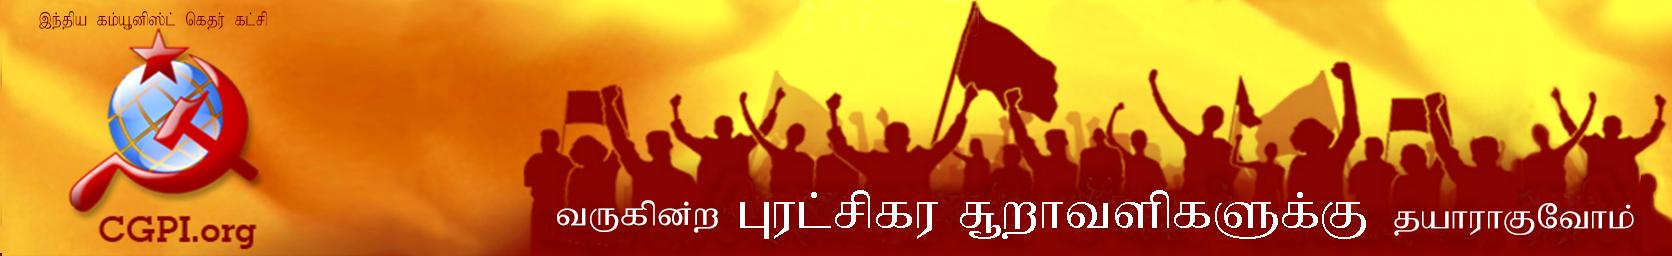 Tamil CGPI